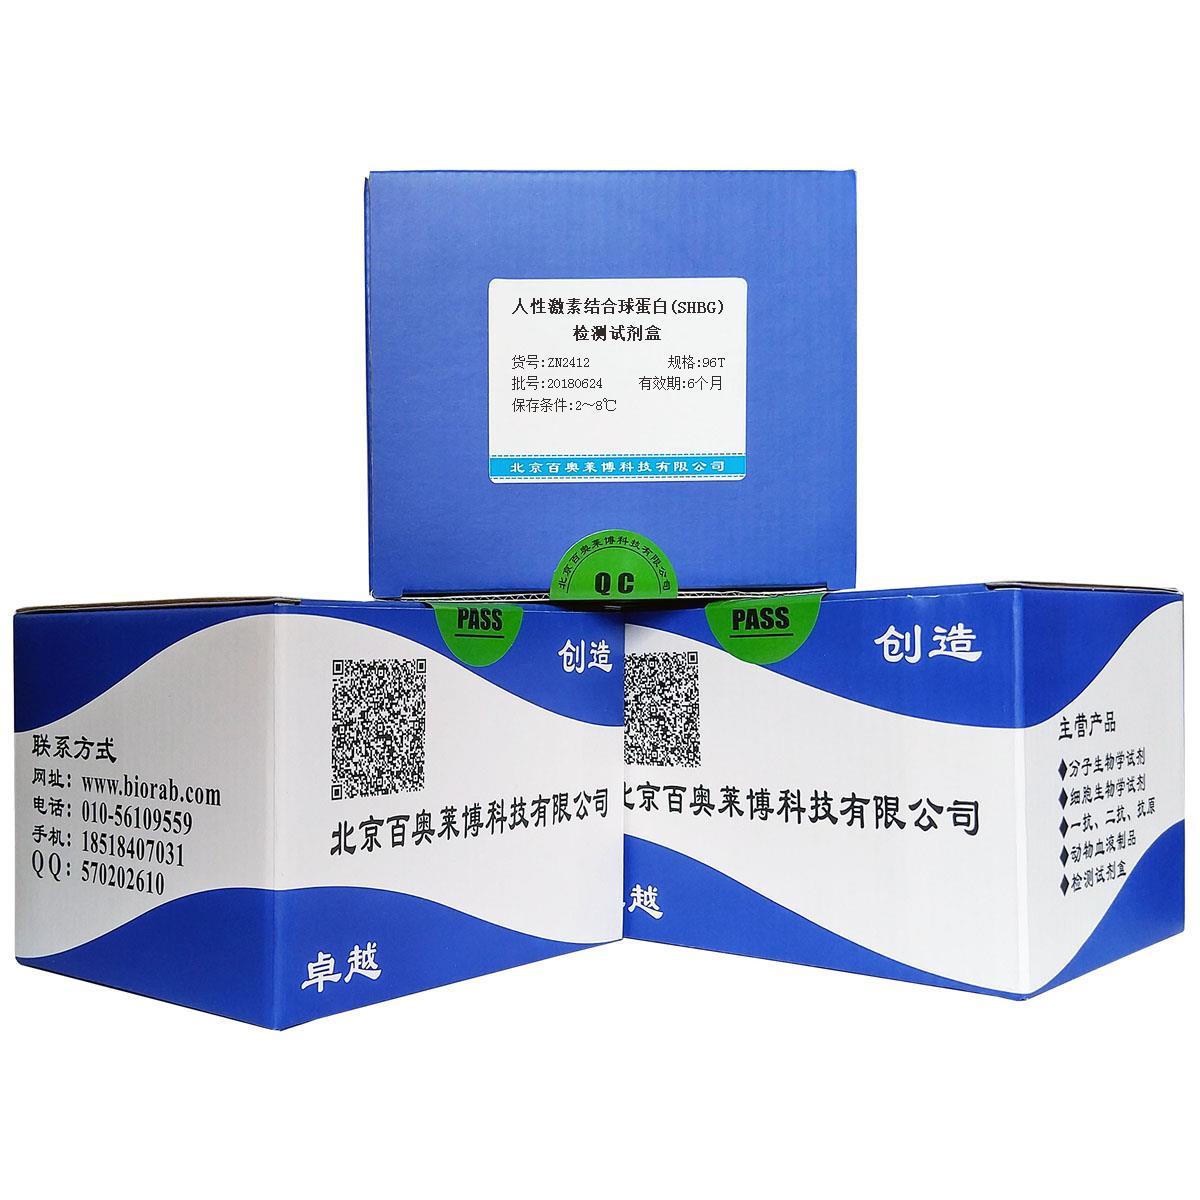 人性激素结合球蛋白(SHBG)检测试剂盒 人ELISA试剂盒